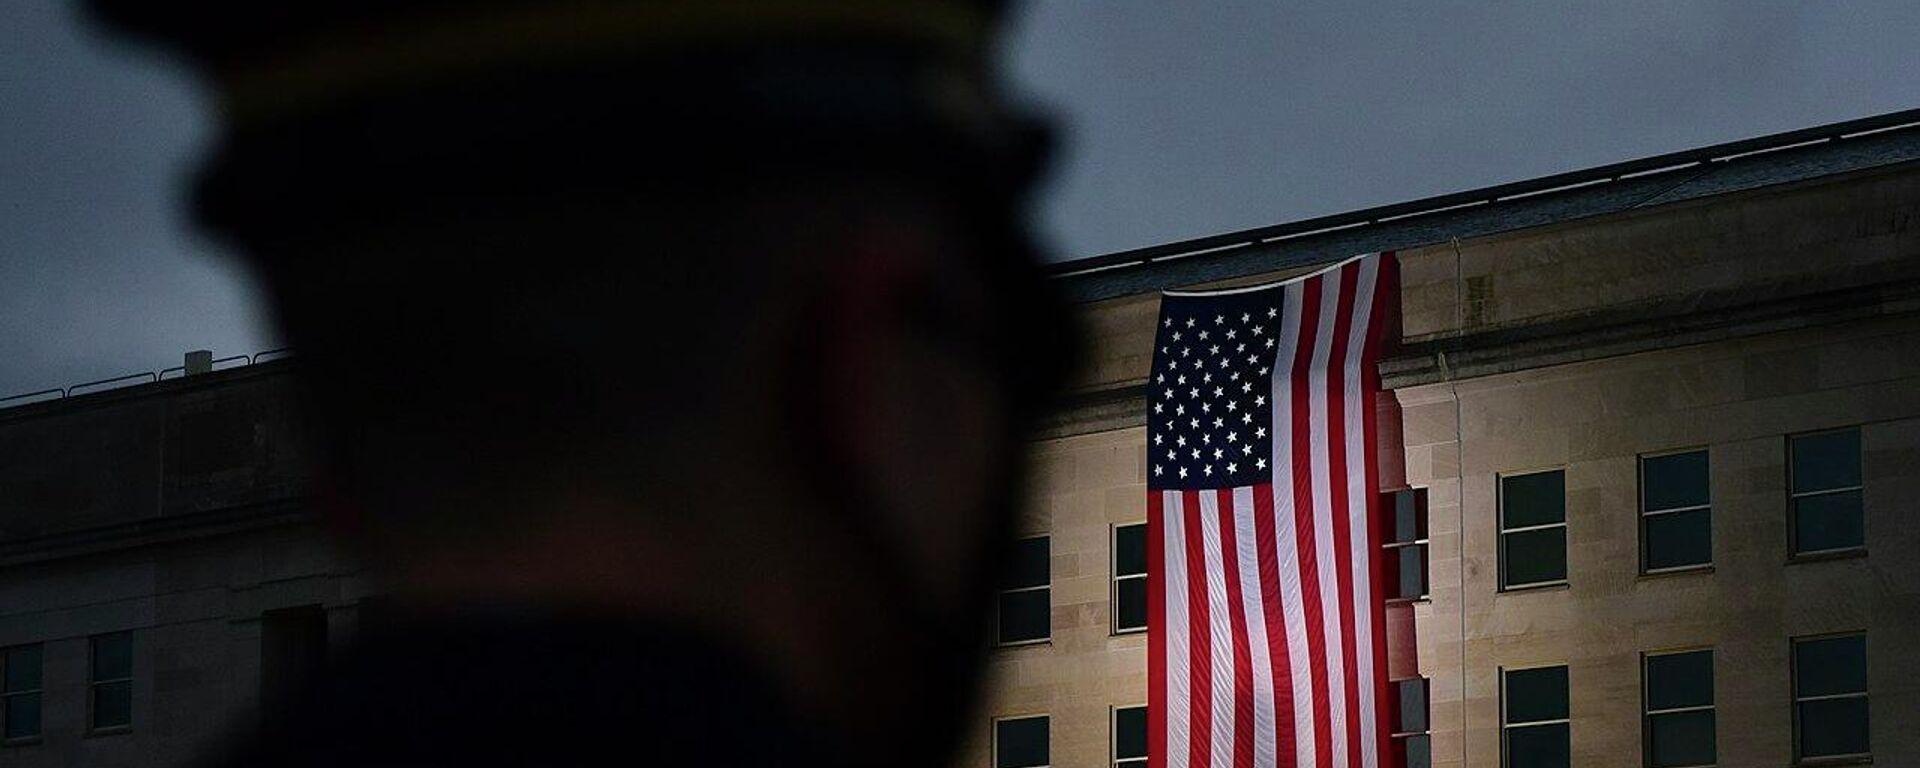 Ehrenwache der US-Armee vor dem Pentagon in Washington (Archivbild) - SNA, 1920, 26.02.2021